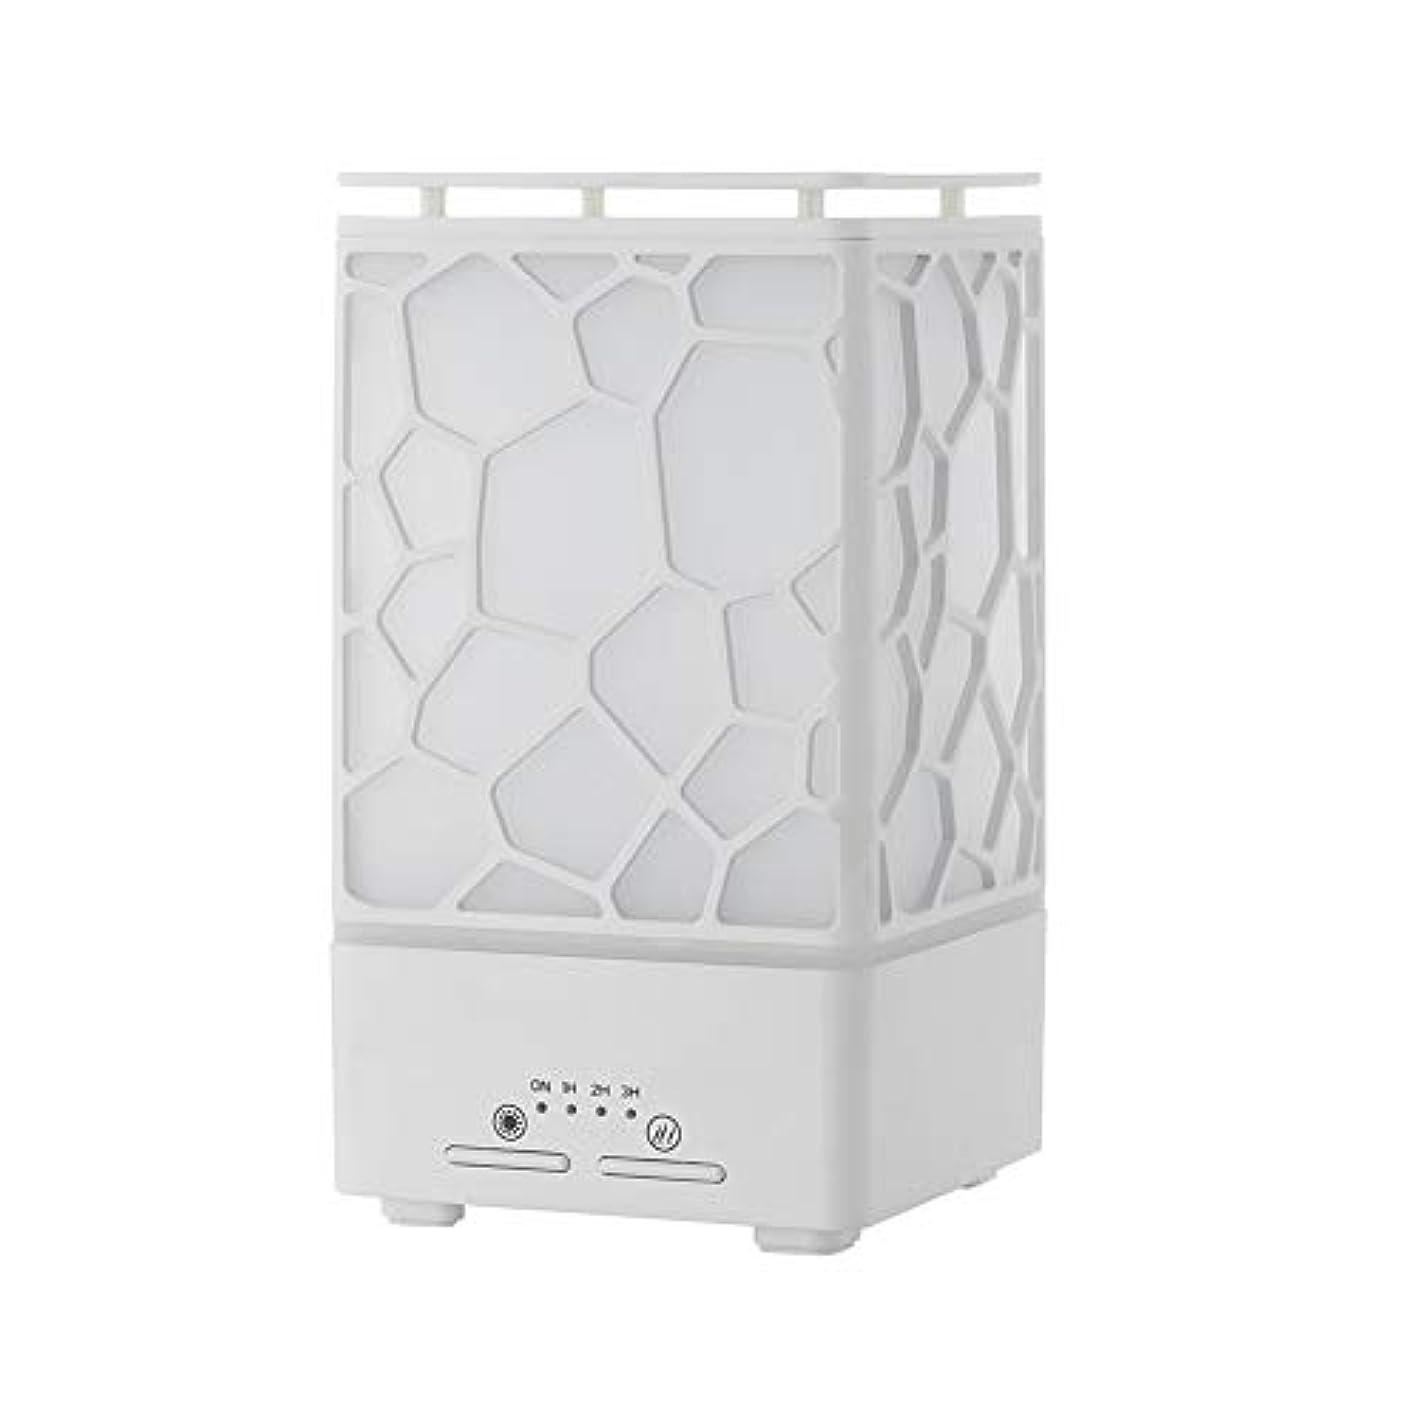 溶融あなたは配送デスク ミニ ウォーターキューブ 加湿器,涼しい霧 精油 ディフューザー 超音波式 香り 加湿機 時間 7 色 ホーム Yoga スパ オフィス- 200ml